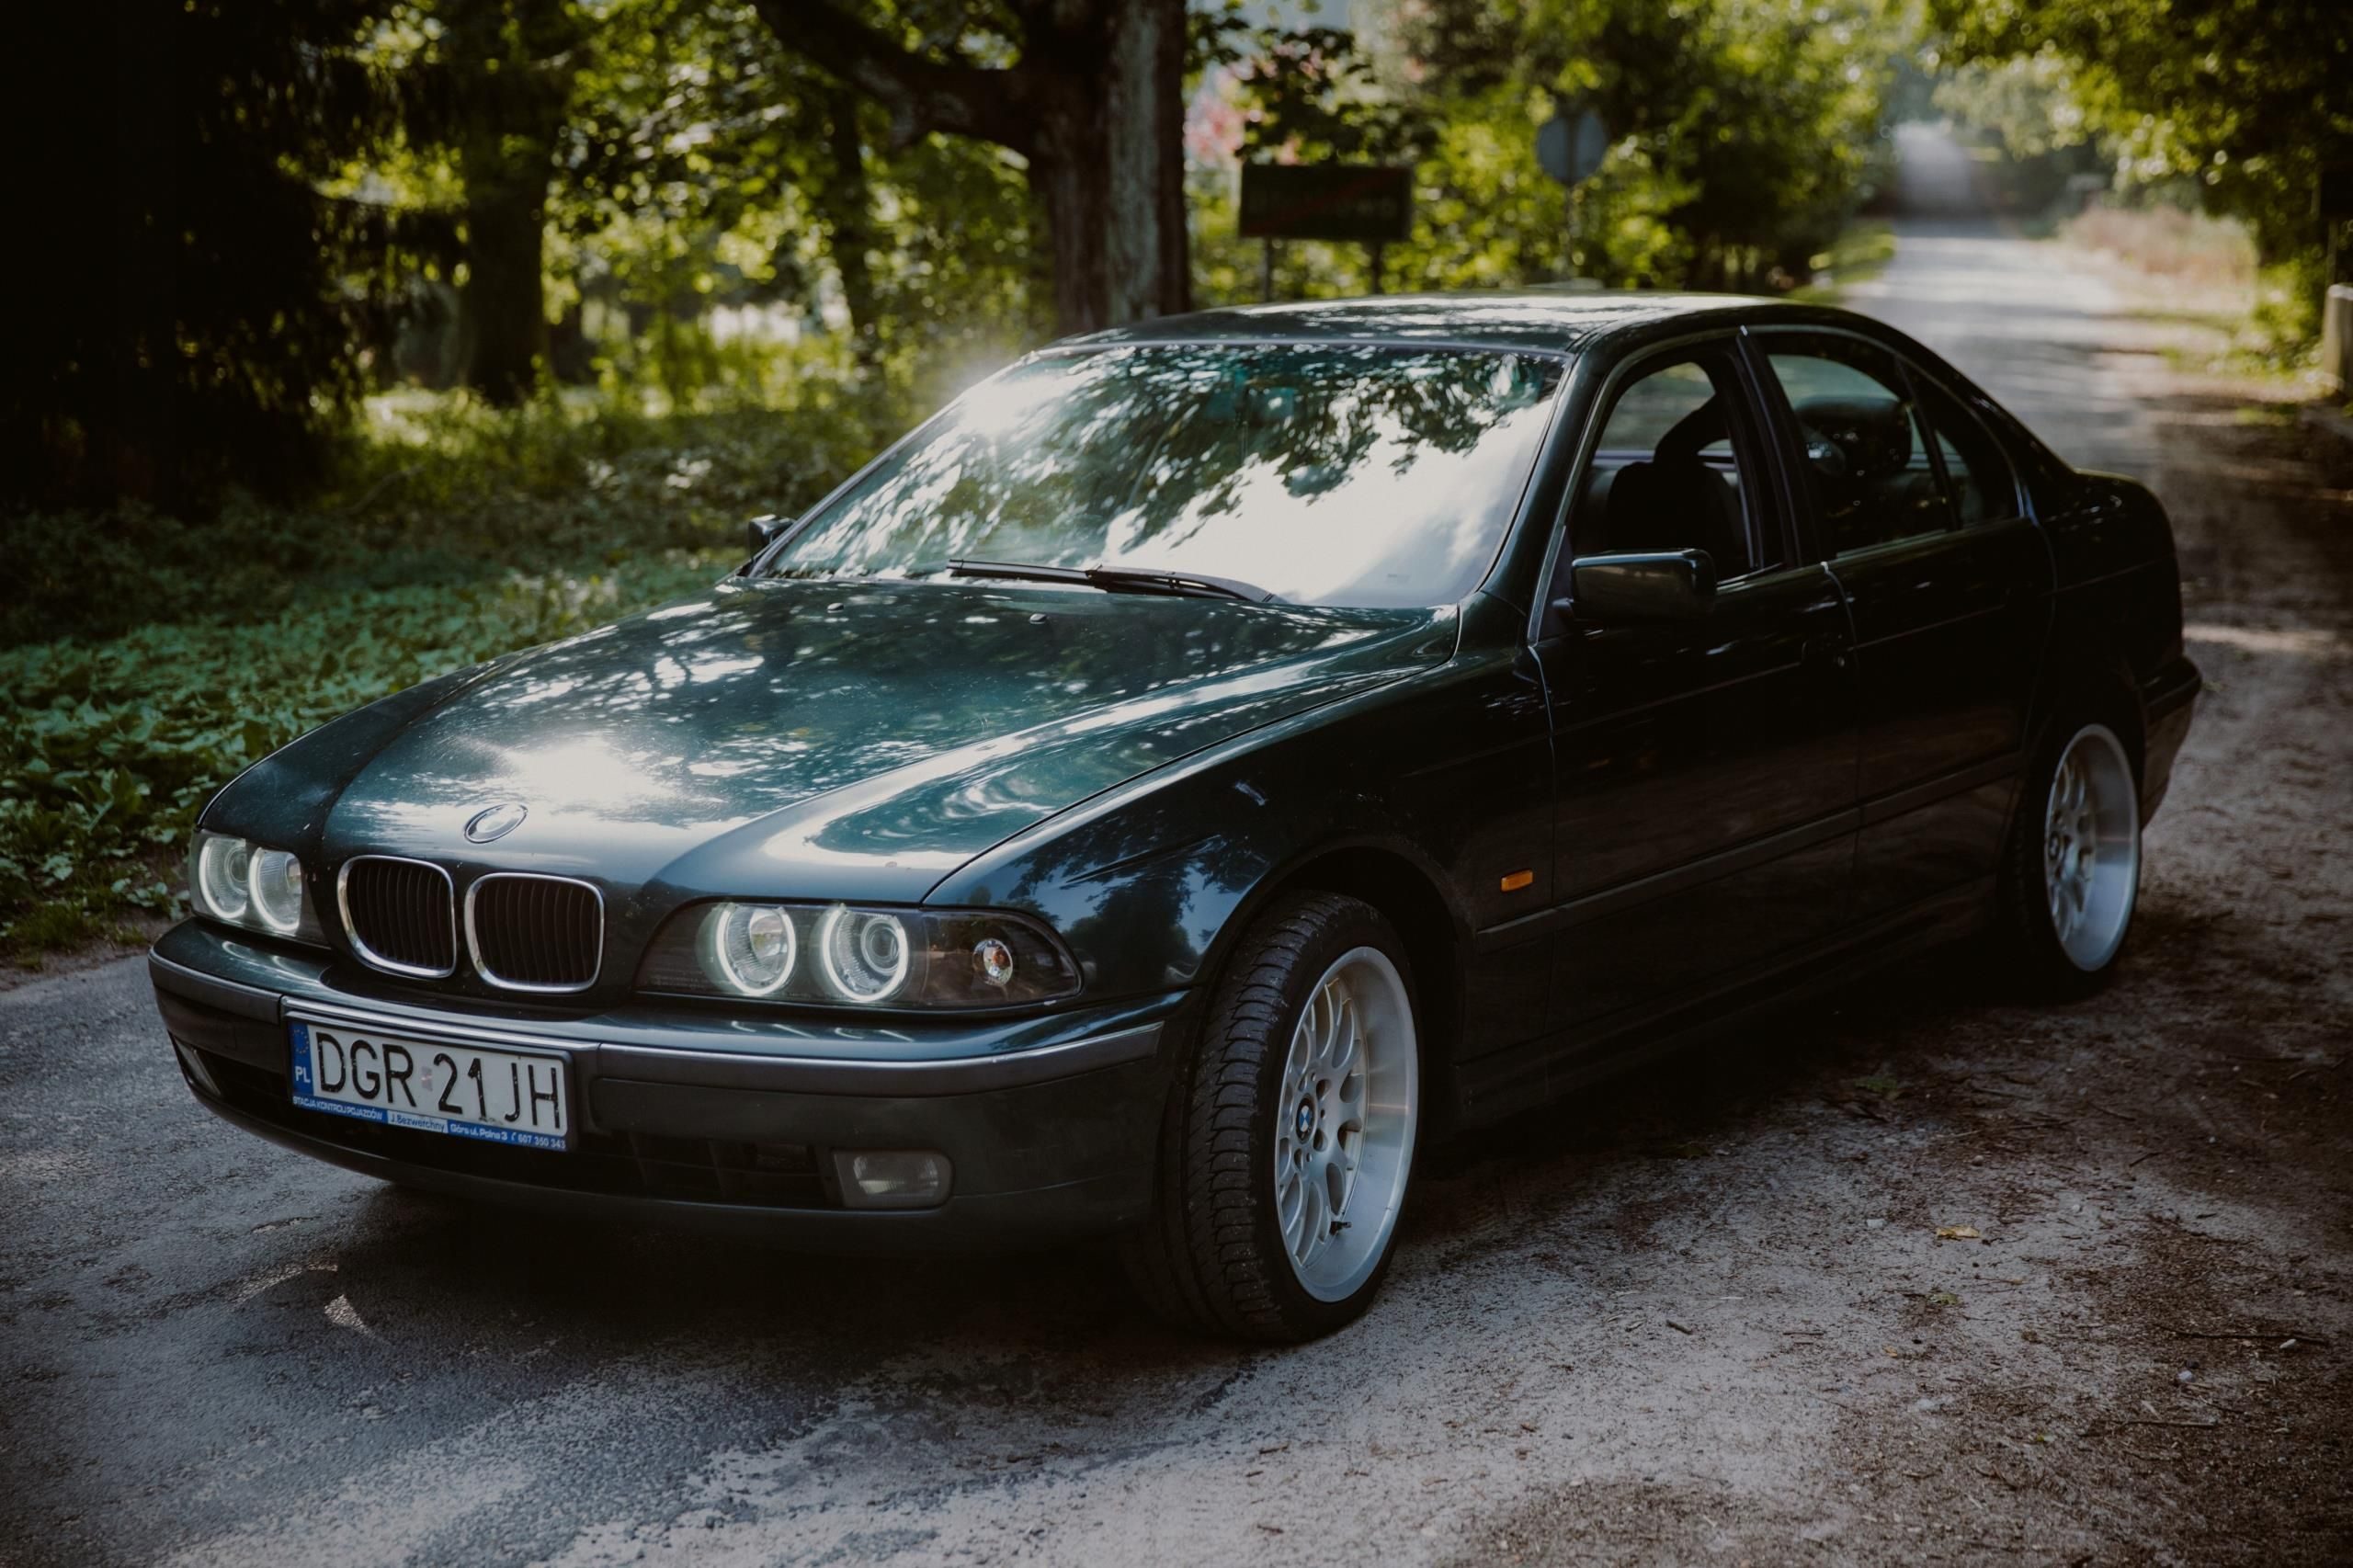 Dodatkowe BMW e39 523i - Opinie i ceny na Ceneo.pl EJ31